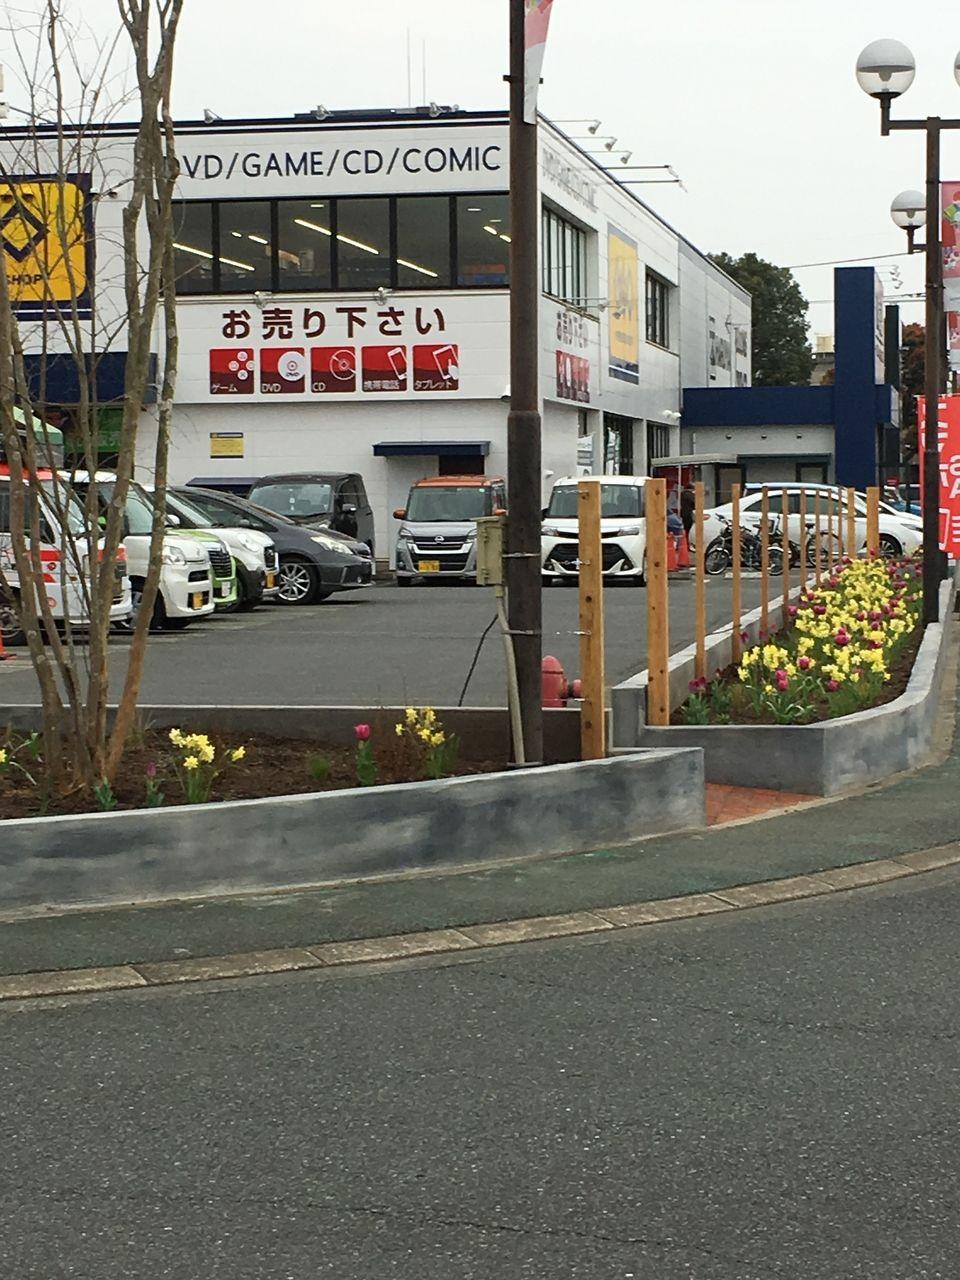 サンロードシティ熊本で花壇の花の植え替えが行われたようです。